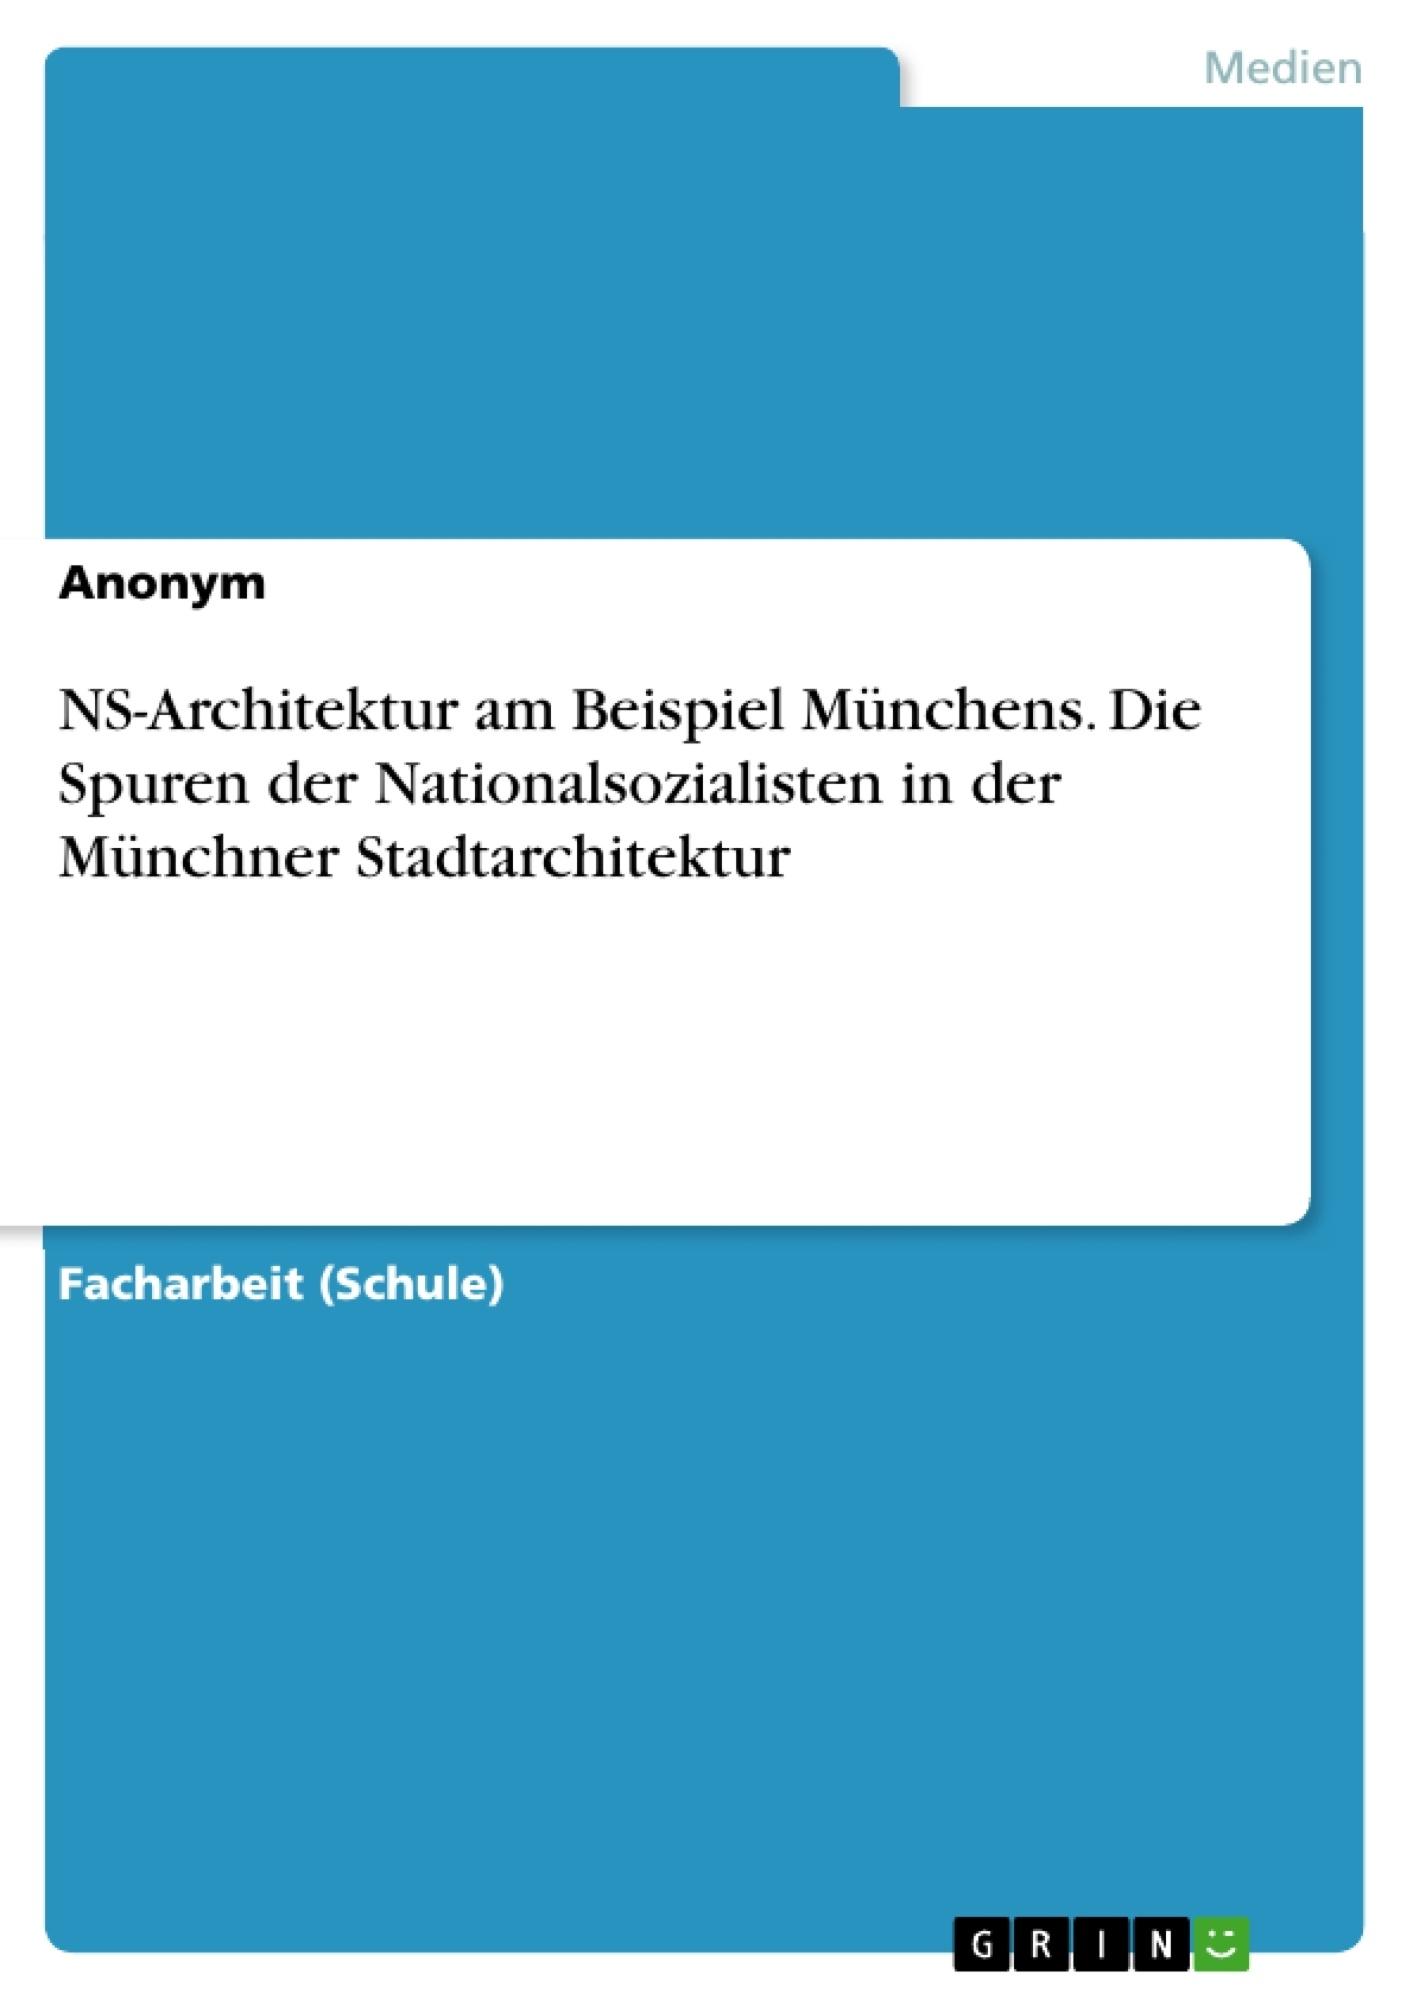 Titel: NS-Architektur am Beispiel Münchens. Die Spuren der Nationalsozialisten in der Münchner Stadtarchitektur